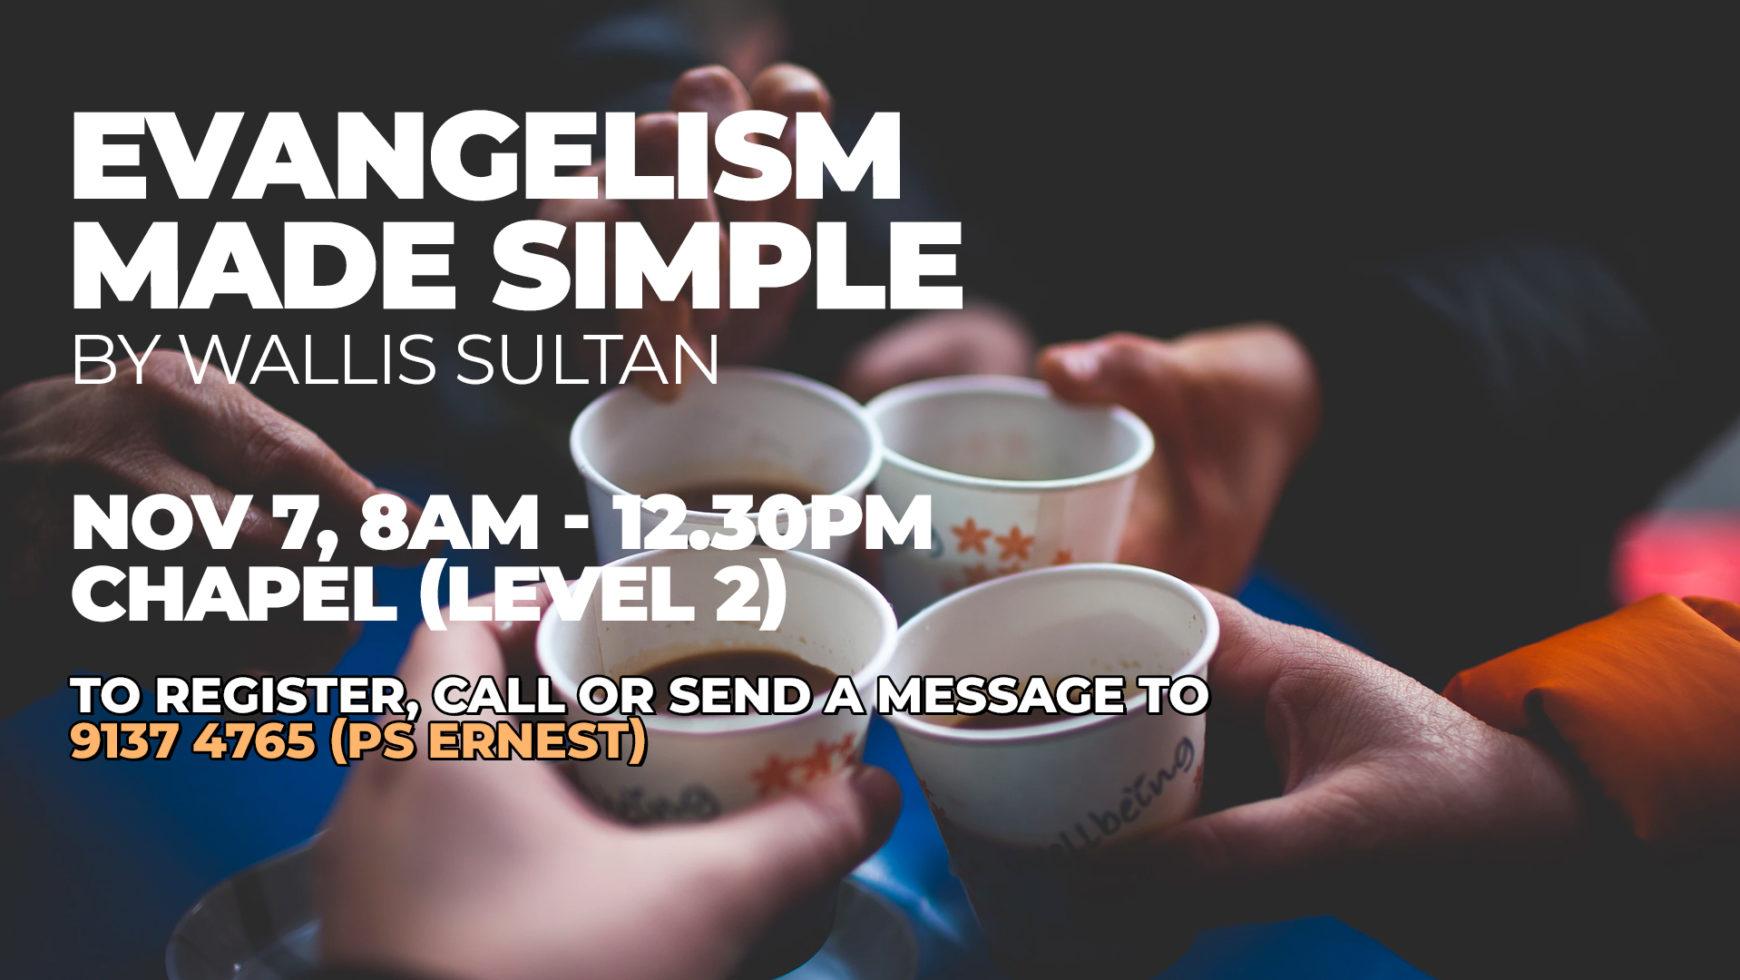 EVANGELISM MADE SIMPLE